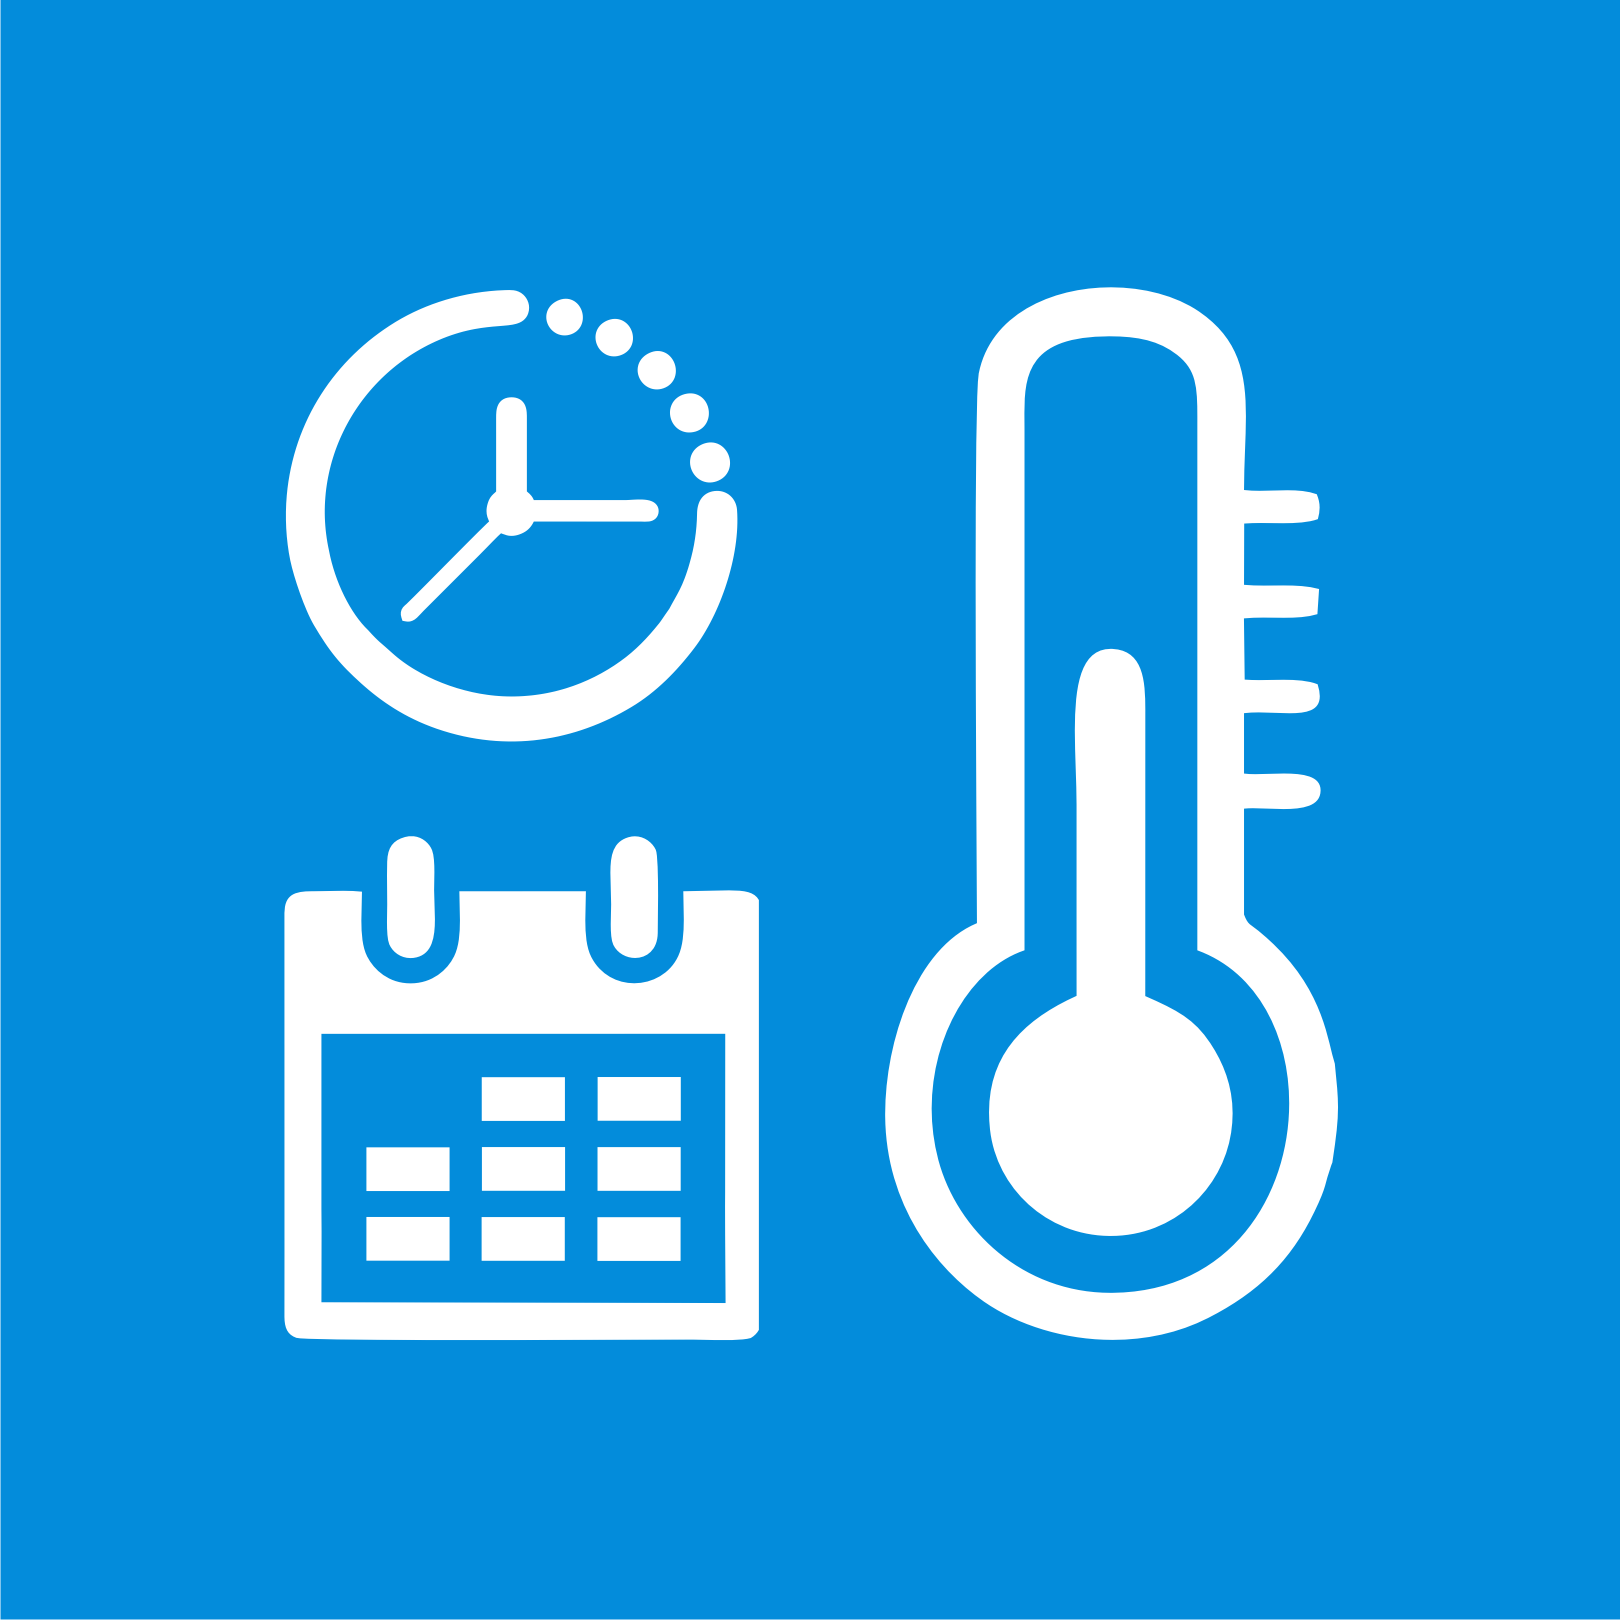 na tablicach można wyświetlać również temperaturę, datę i godzinę.